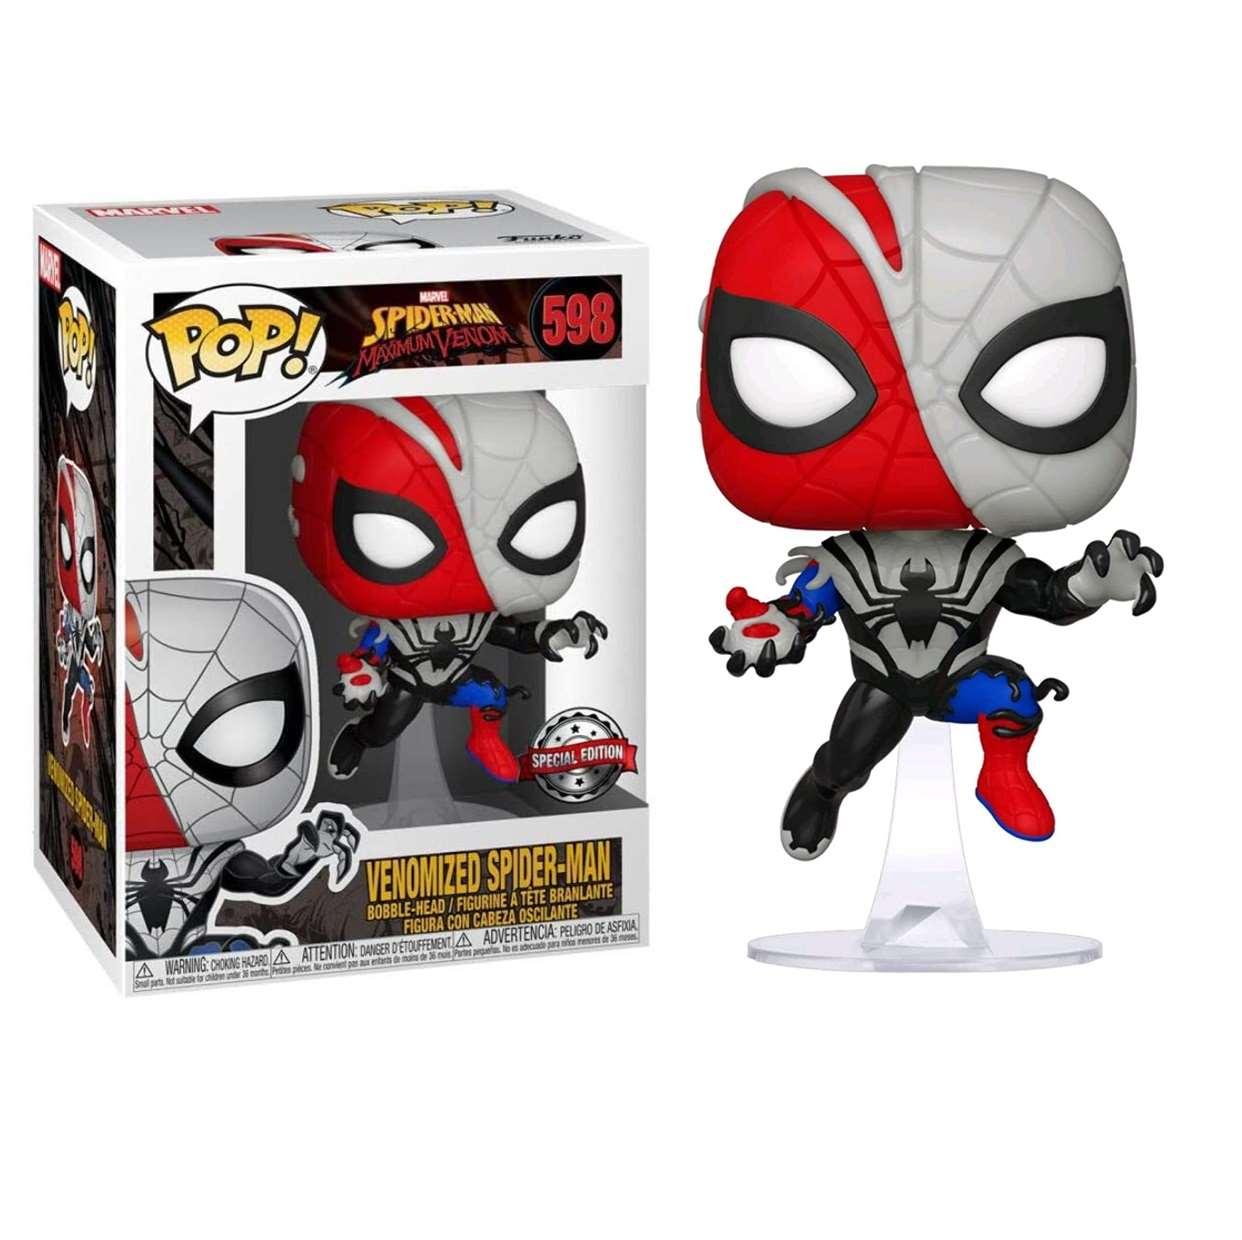 Venomized Spider Man #598 Maximum Venom Funko Pop! Exclusivo Special Edition